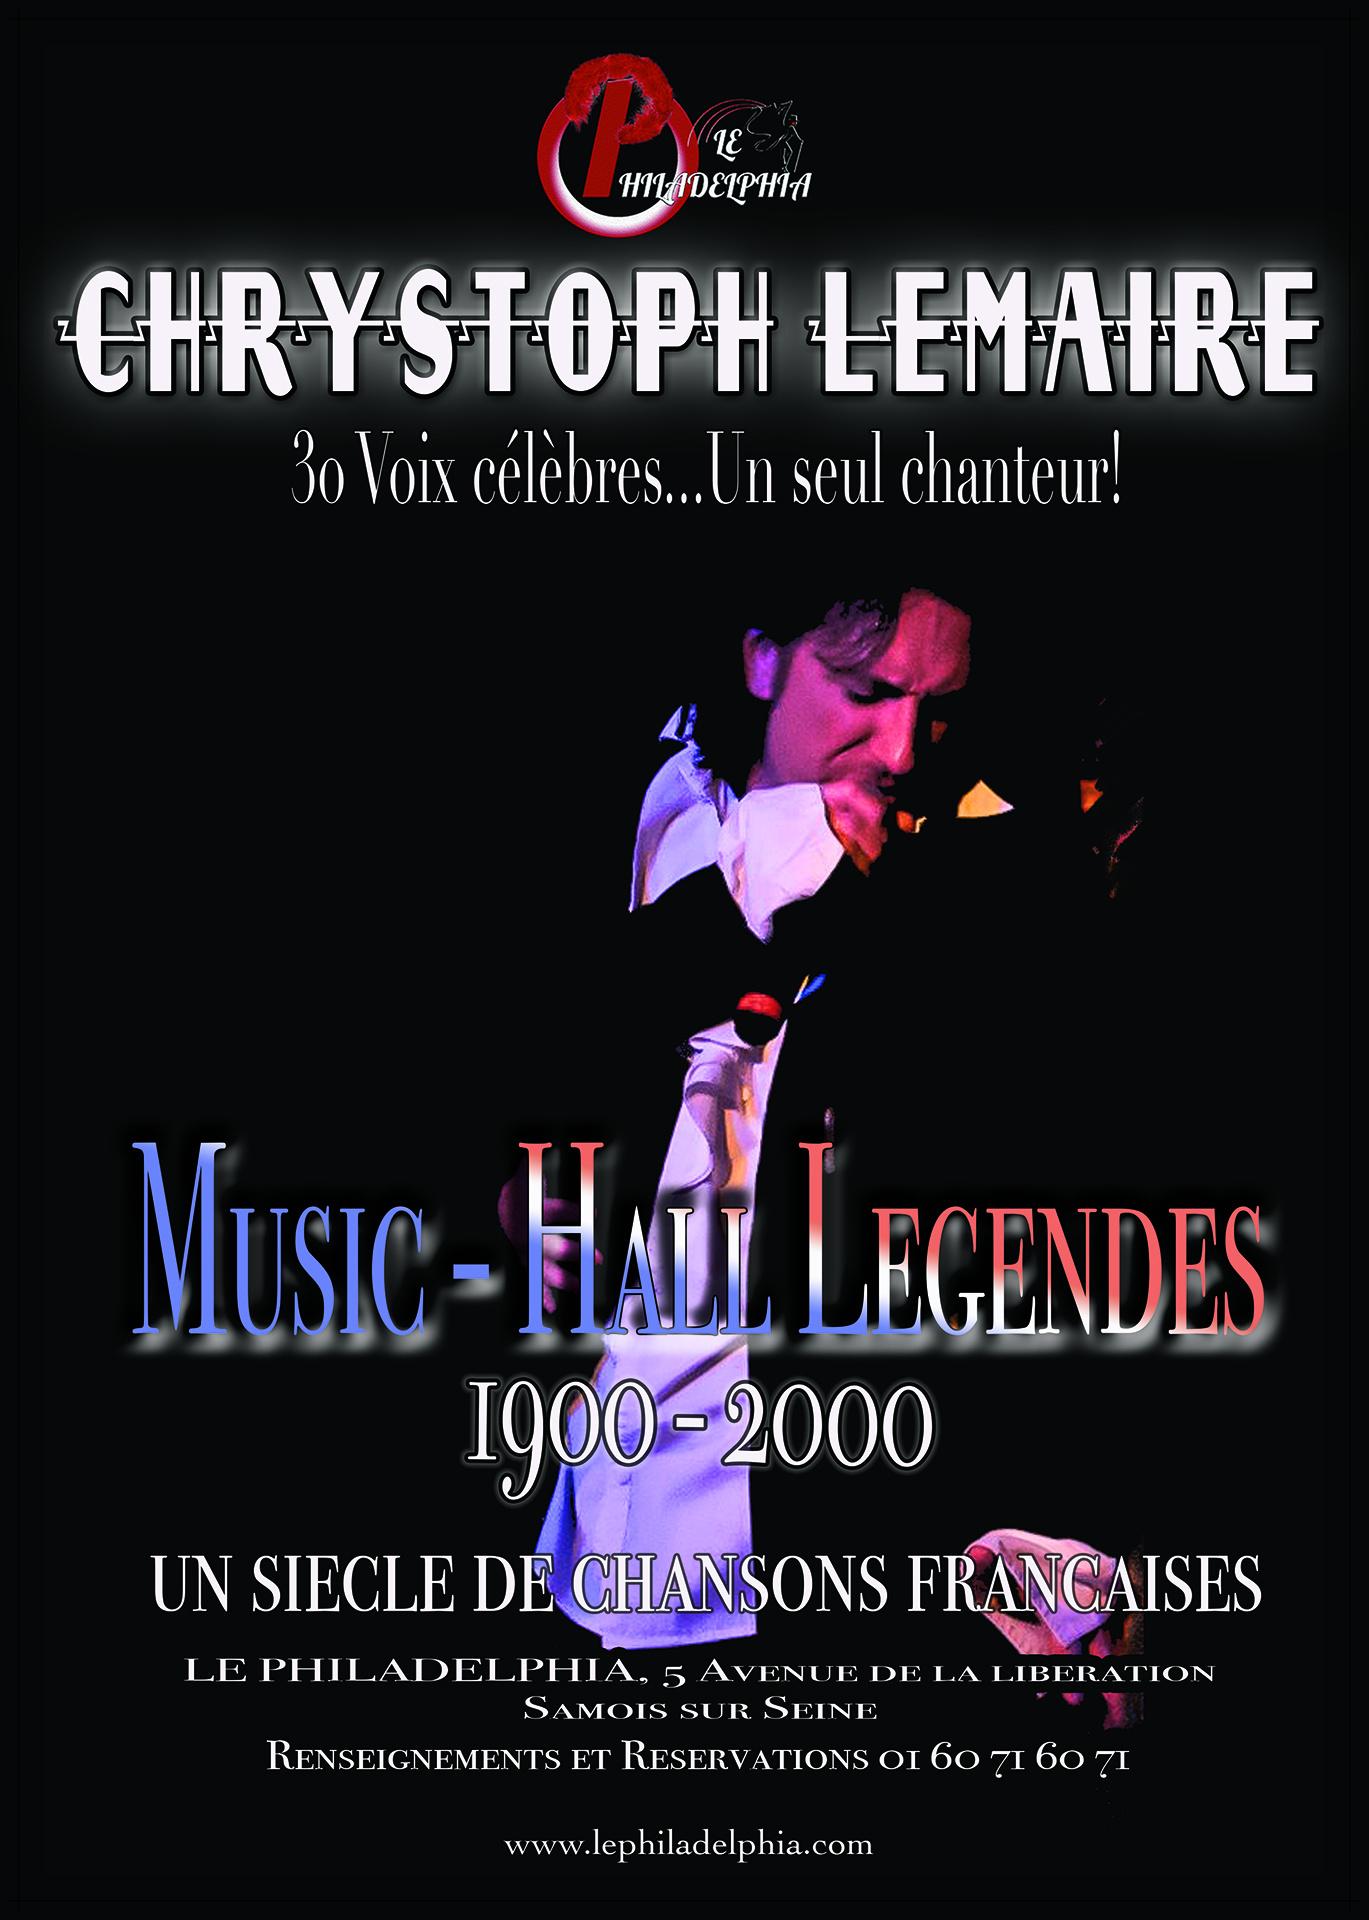 Music - Hall Légendes